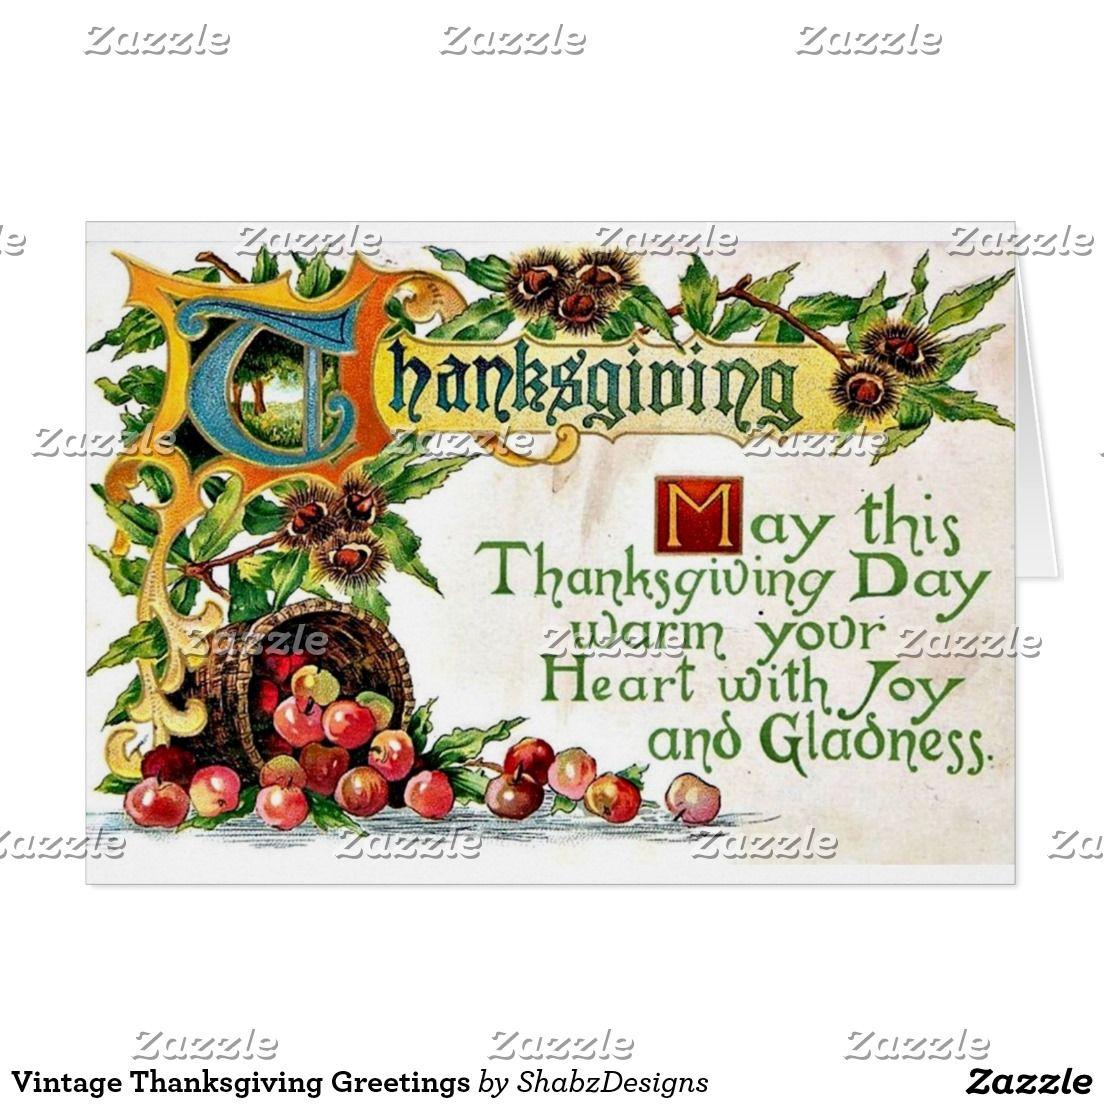 Vintage thanksgiving greetings card vintage thanksgiving vintage thanksgiving greetings m4hsunfo